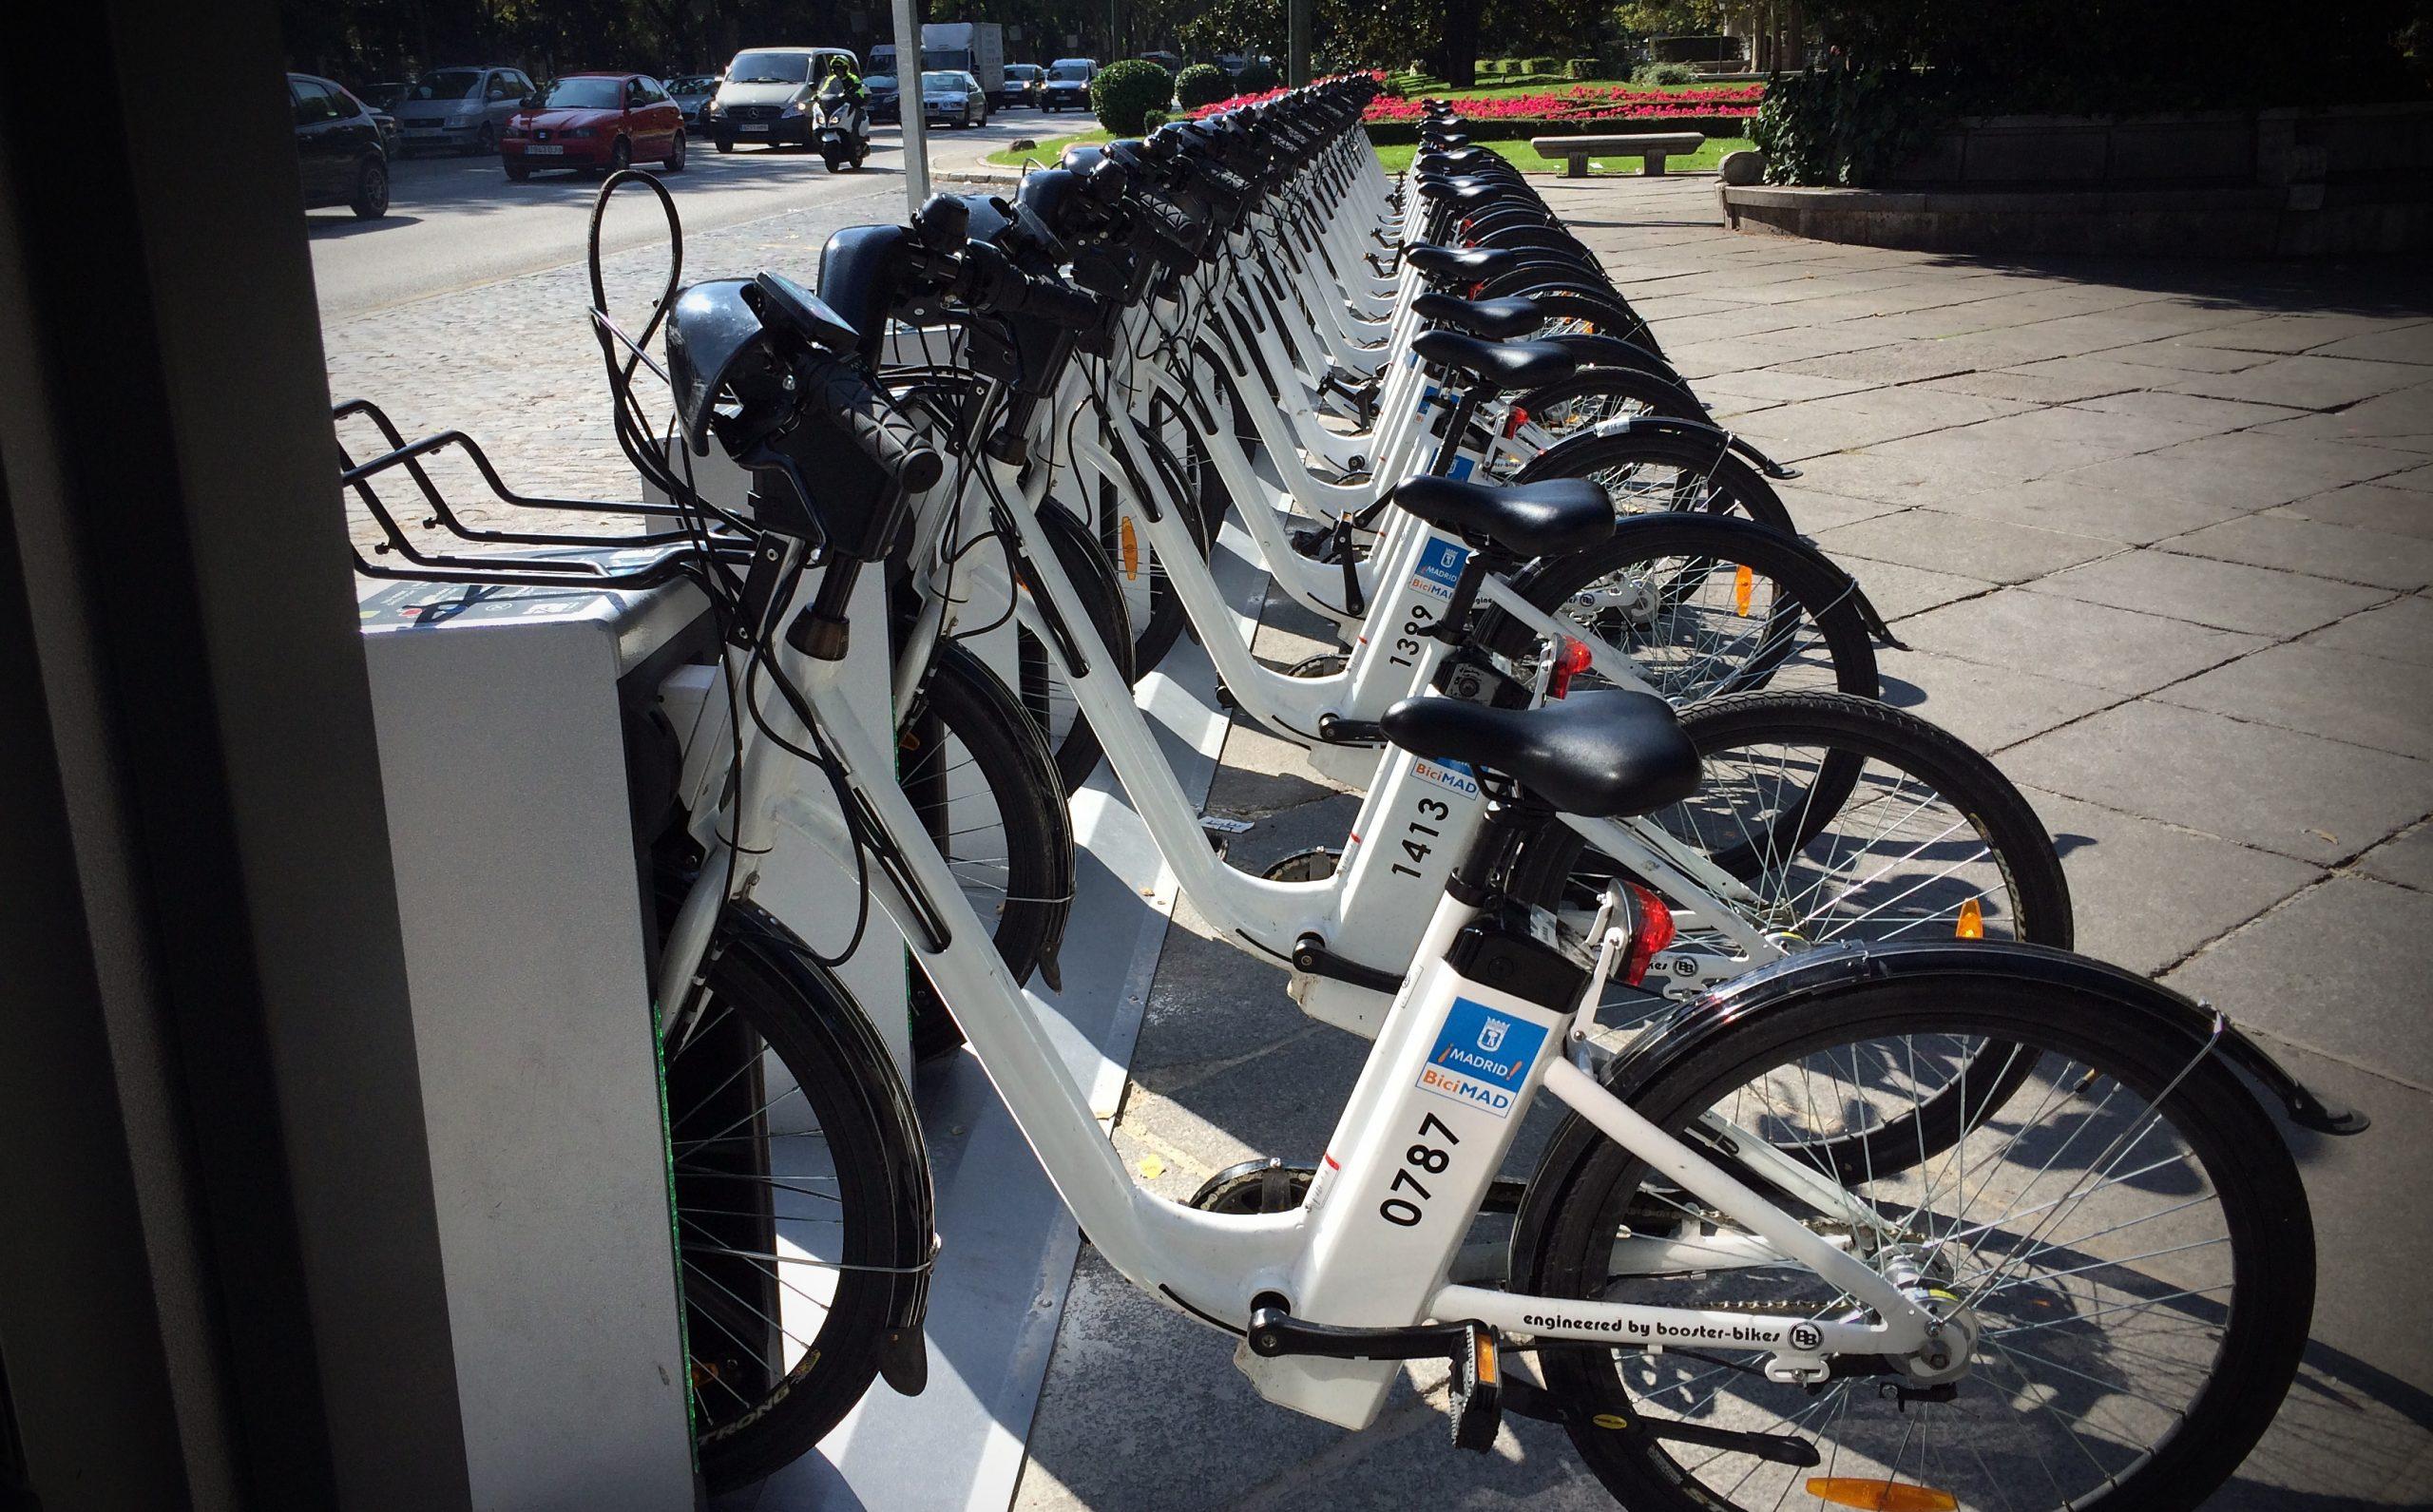 Бесплатный час проката BiciMAD в Мадриде в честь Дня велосипеда